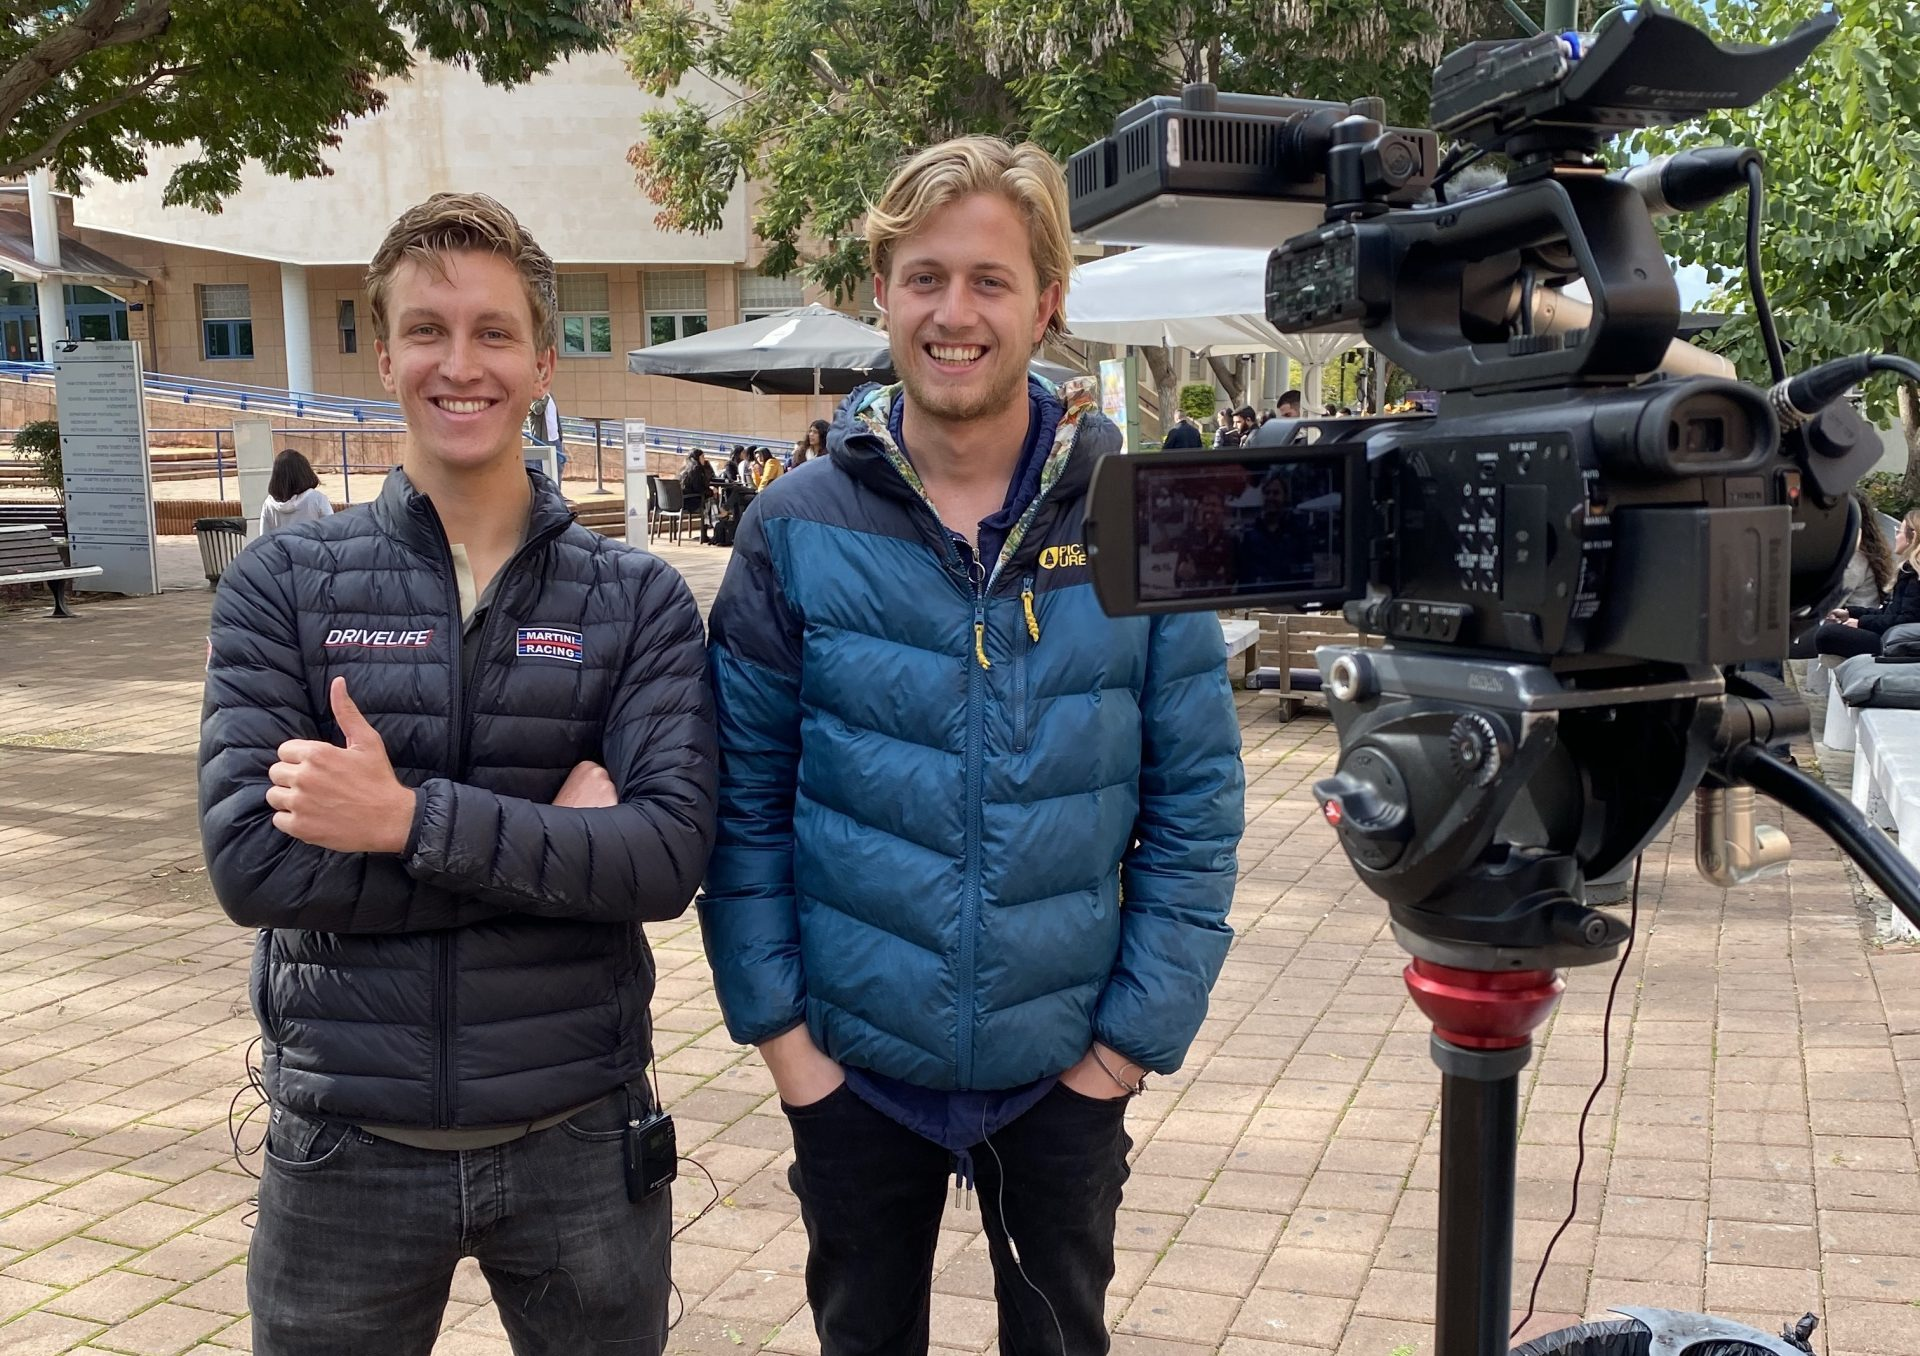 Julian en Wietse tijdens hun live interview op de Israëlische televisie.